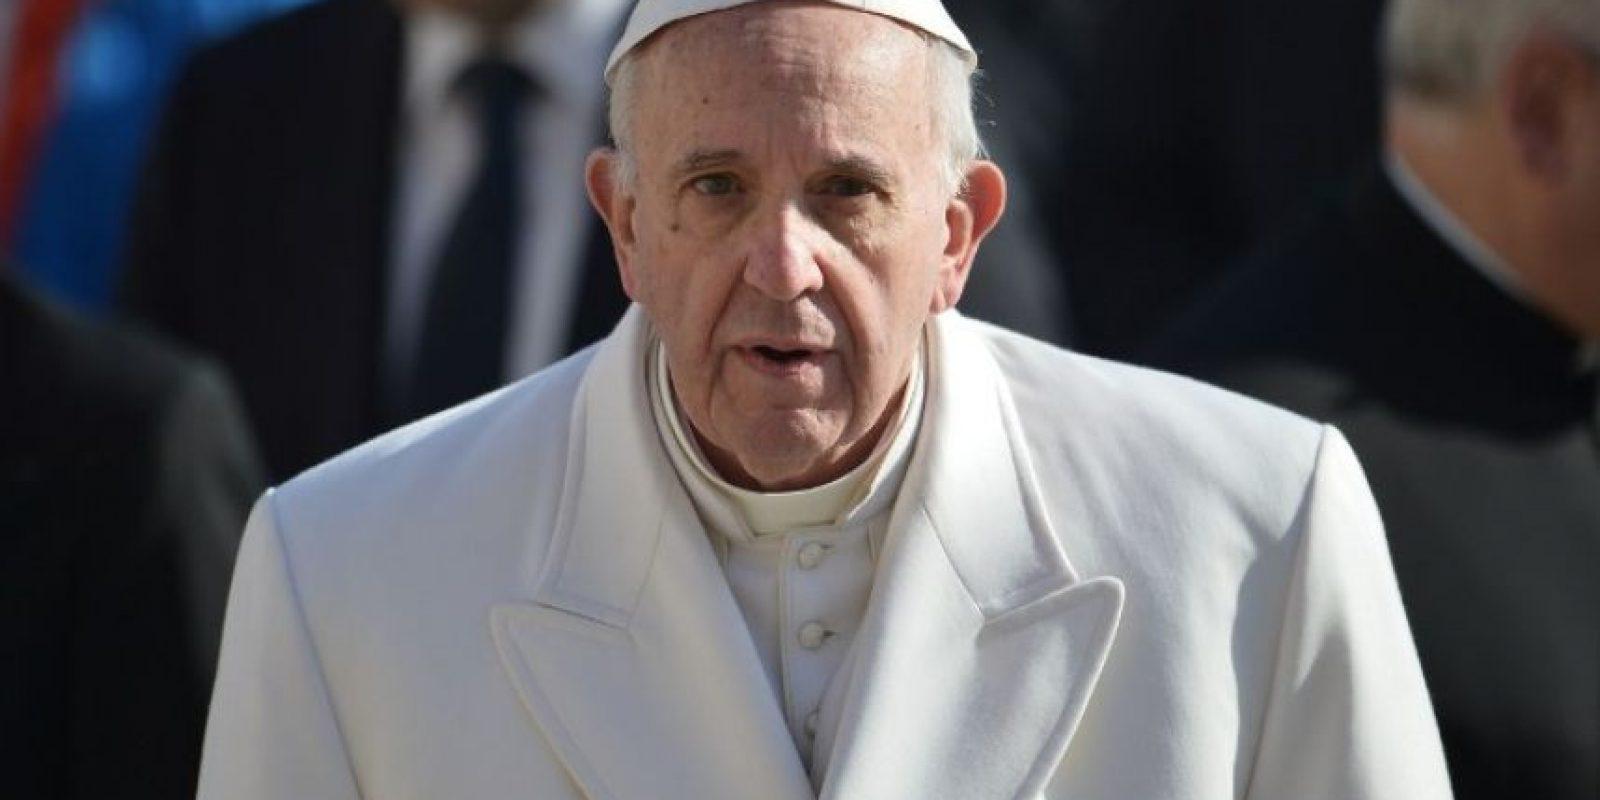 El papa Francisco hace un gesto durante un acto público. Foto:AFP